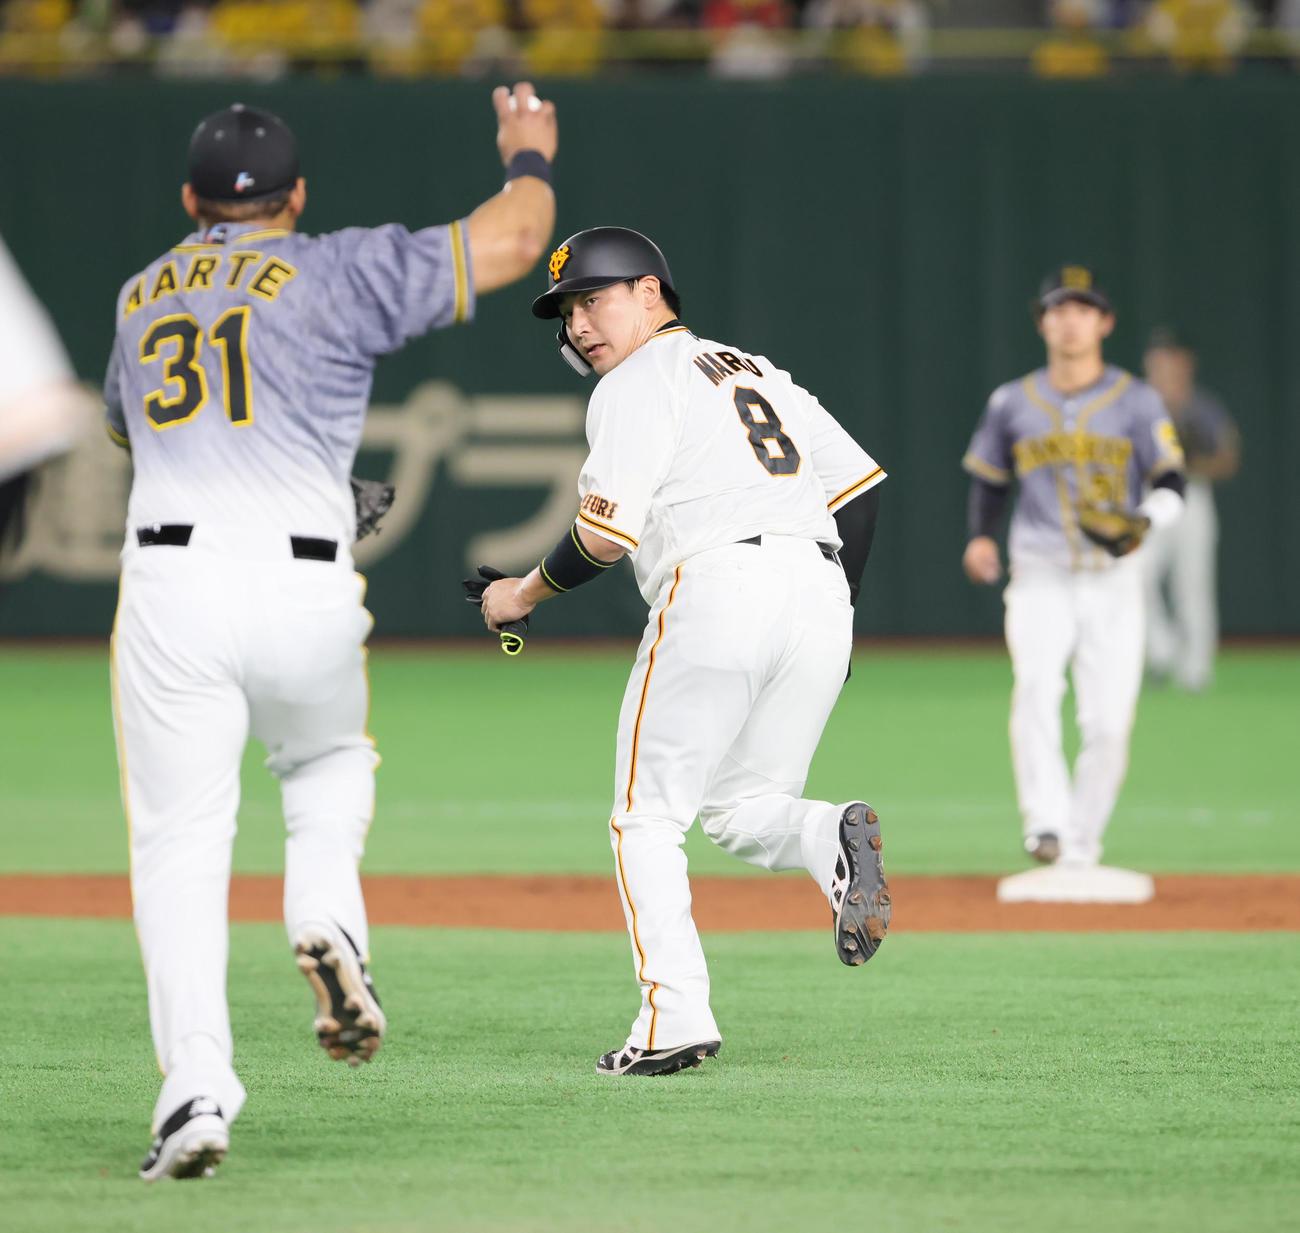 巨人対阪神 1回裏巨人2死一、三塁、一塁走者丸(中央)が一二塁間で挟まれる間に三塁走者梶谷が生還に成功する(撮影・足立雅史)